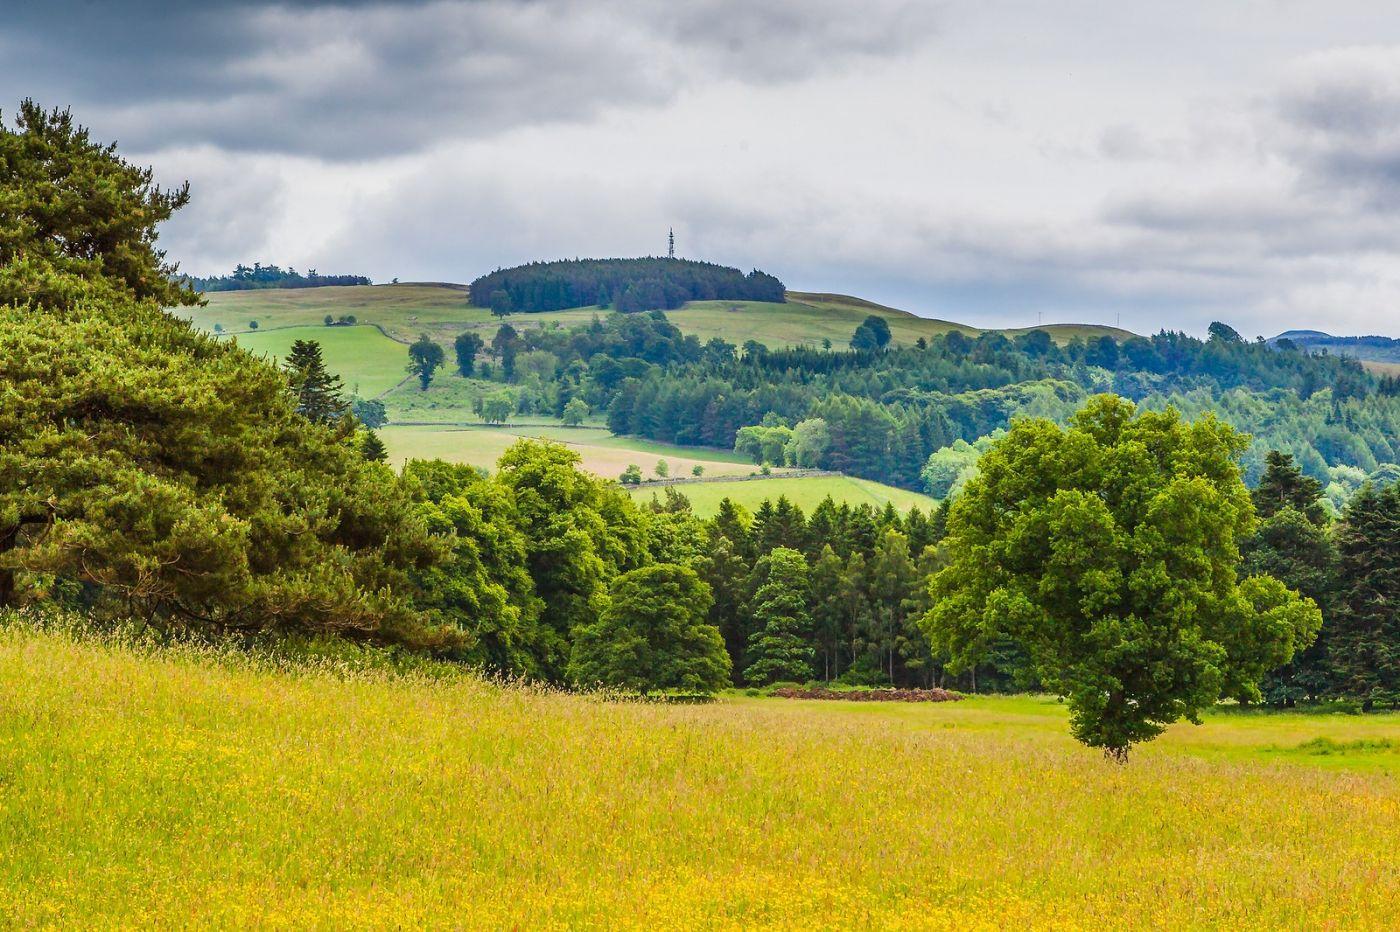 苏格兰布莱尔城堡(Blair Castle),环境优美_图1-35